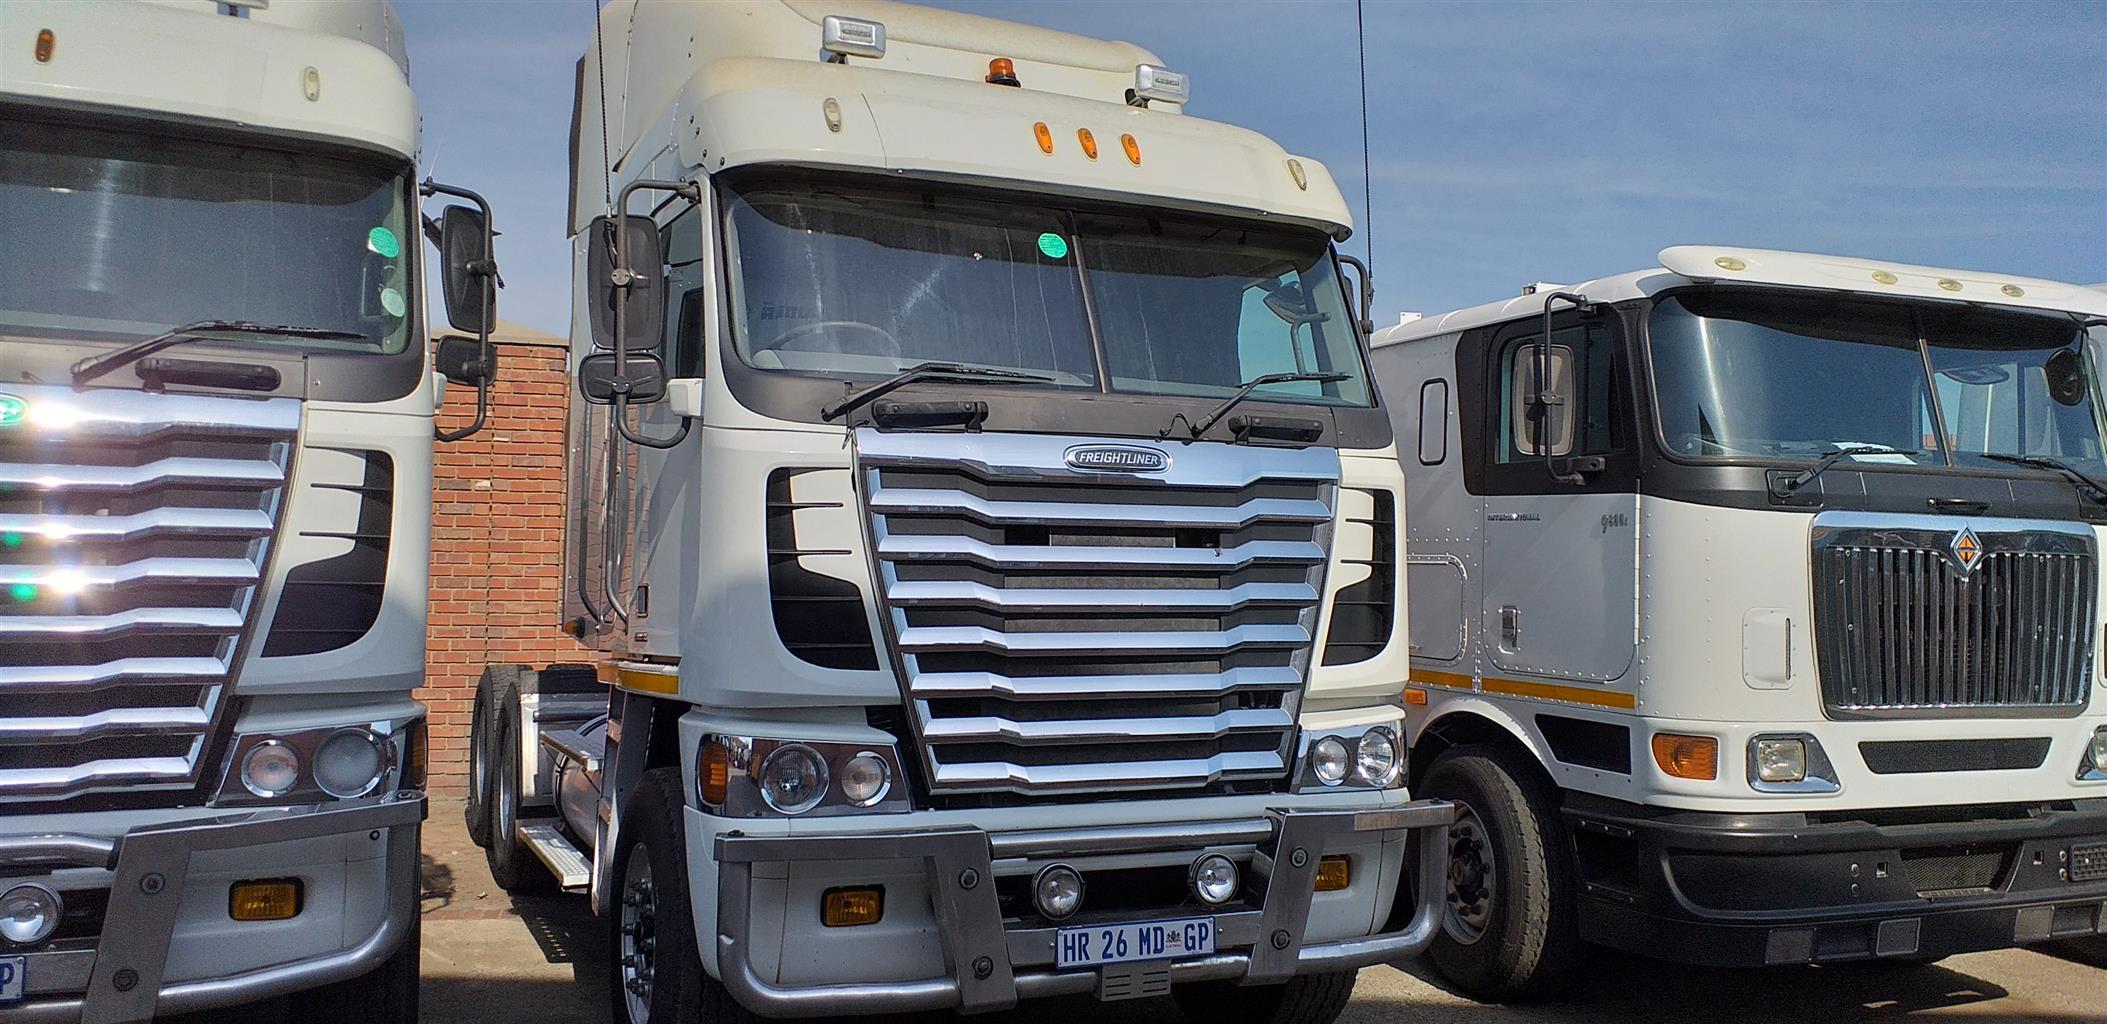 2012 Freightliner Argosy Cummins 500